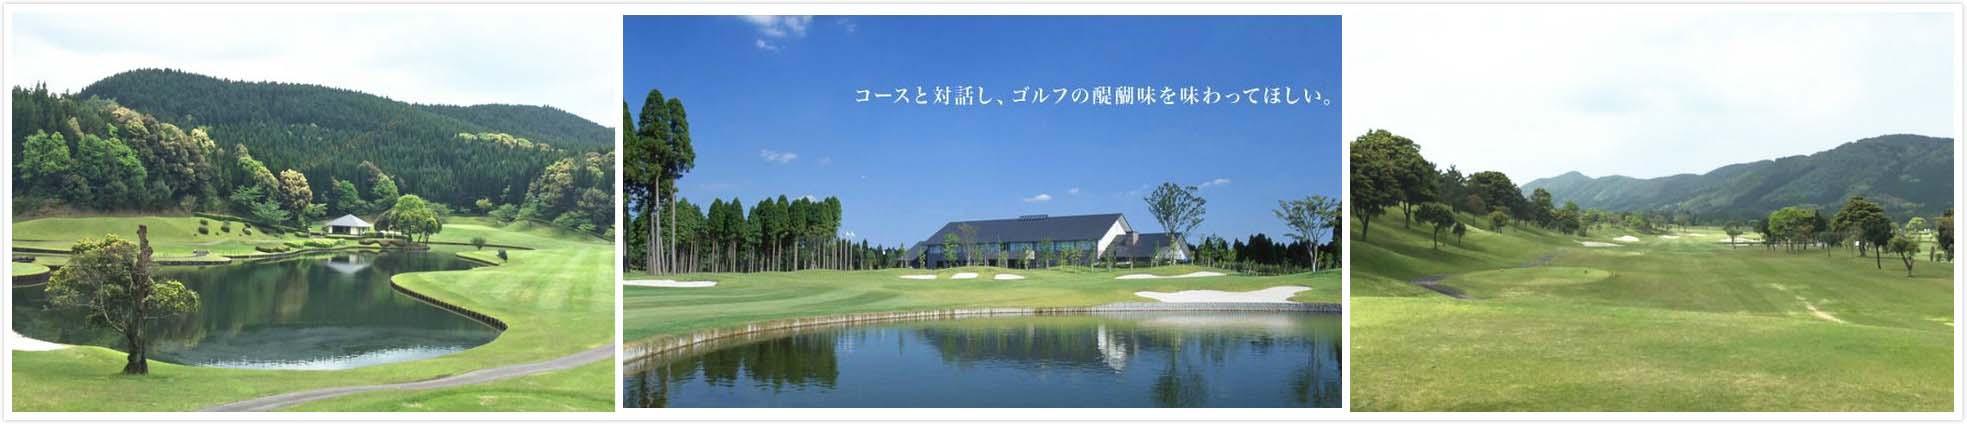 賓哥高爾夫假期 日本鹿兒島高爾夫5天3場球 北鄉溫泉日南渡假村高爾夫俱樂部 小林高爾夫俱樂部 高原高爾夫 ...